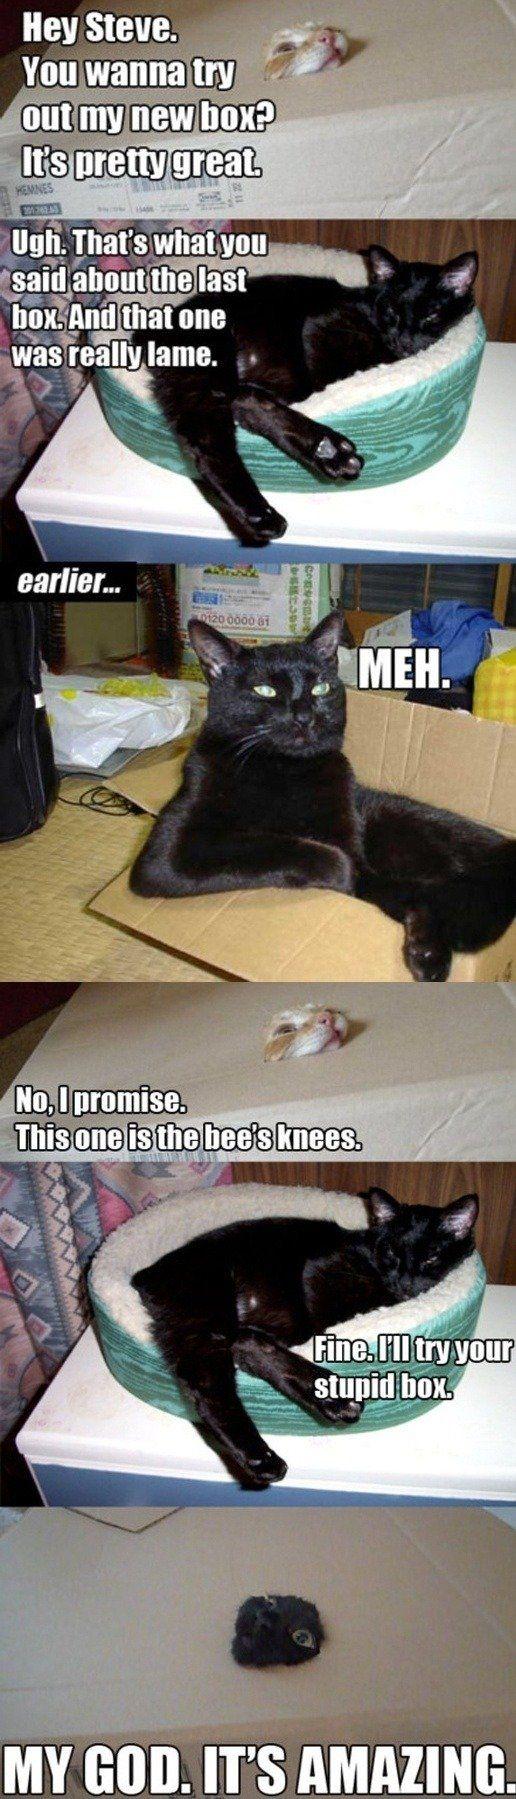 Ohhhhh kittehs